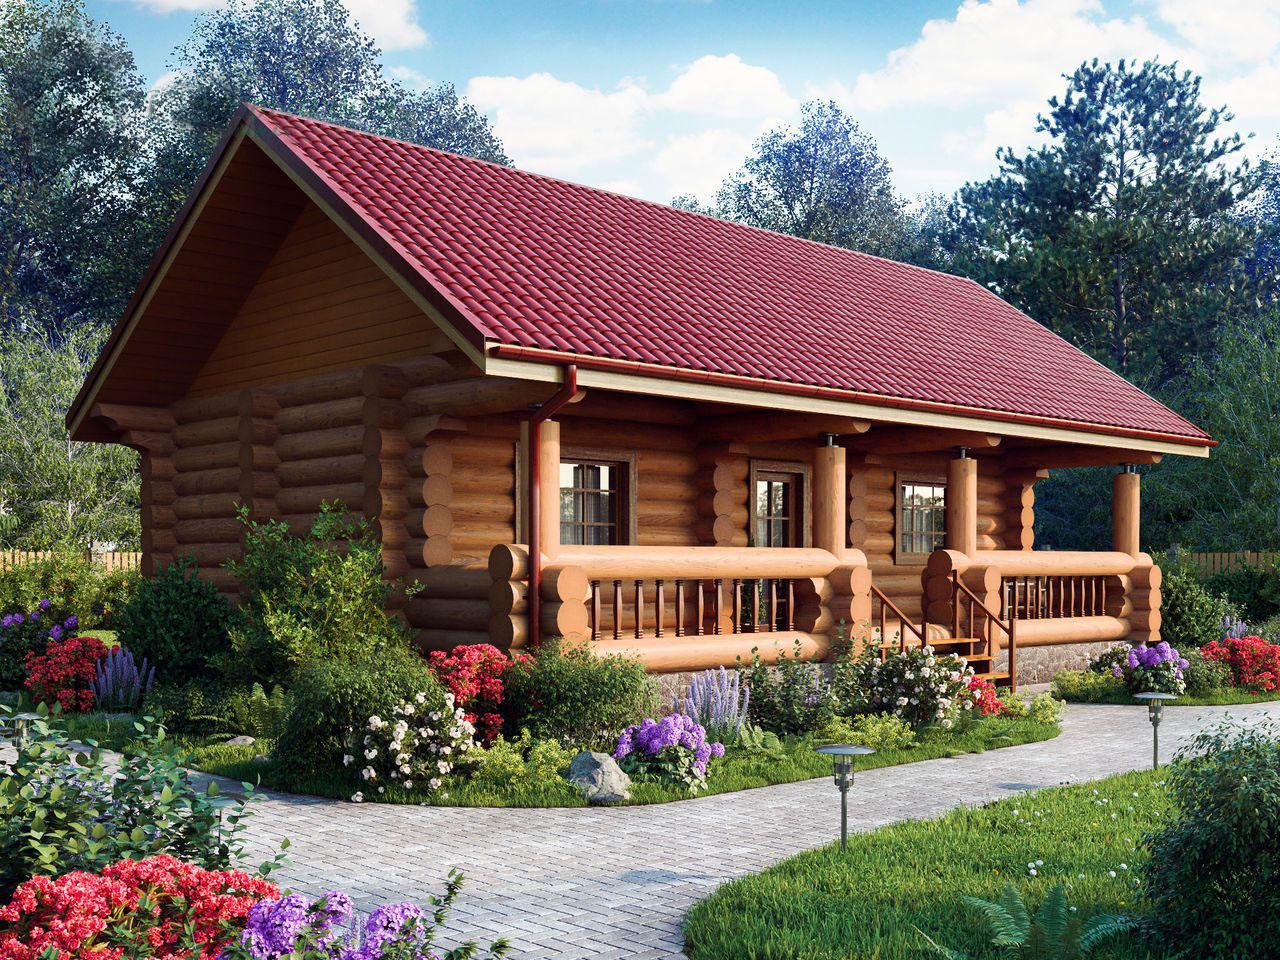 6 критериев выбора проектов деревянных бань [+7 фото]